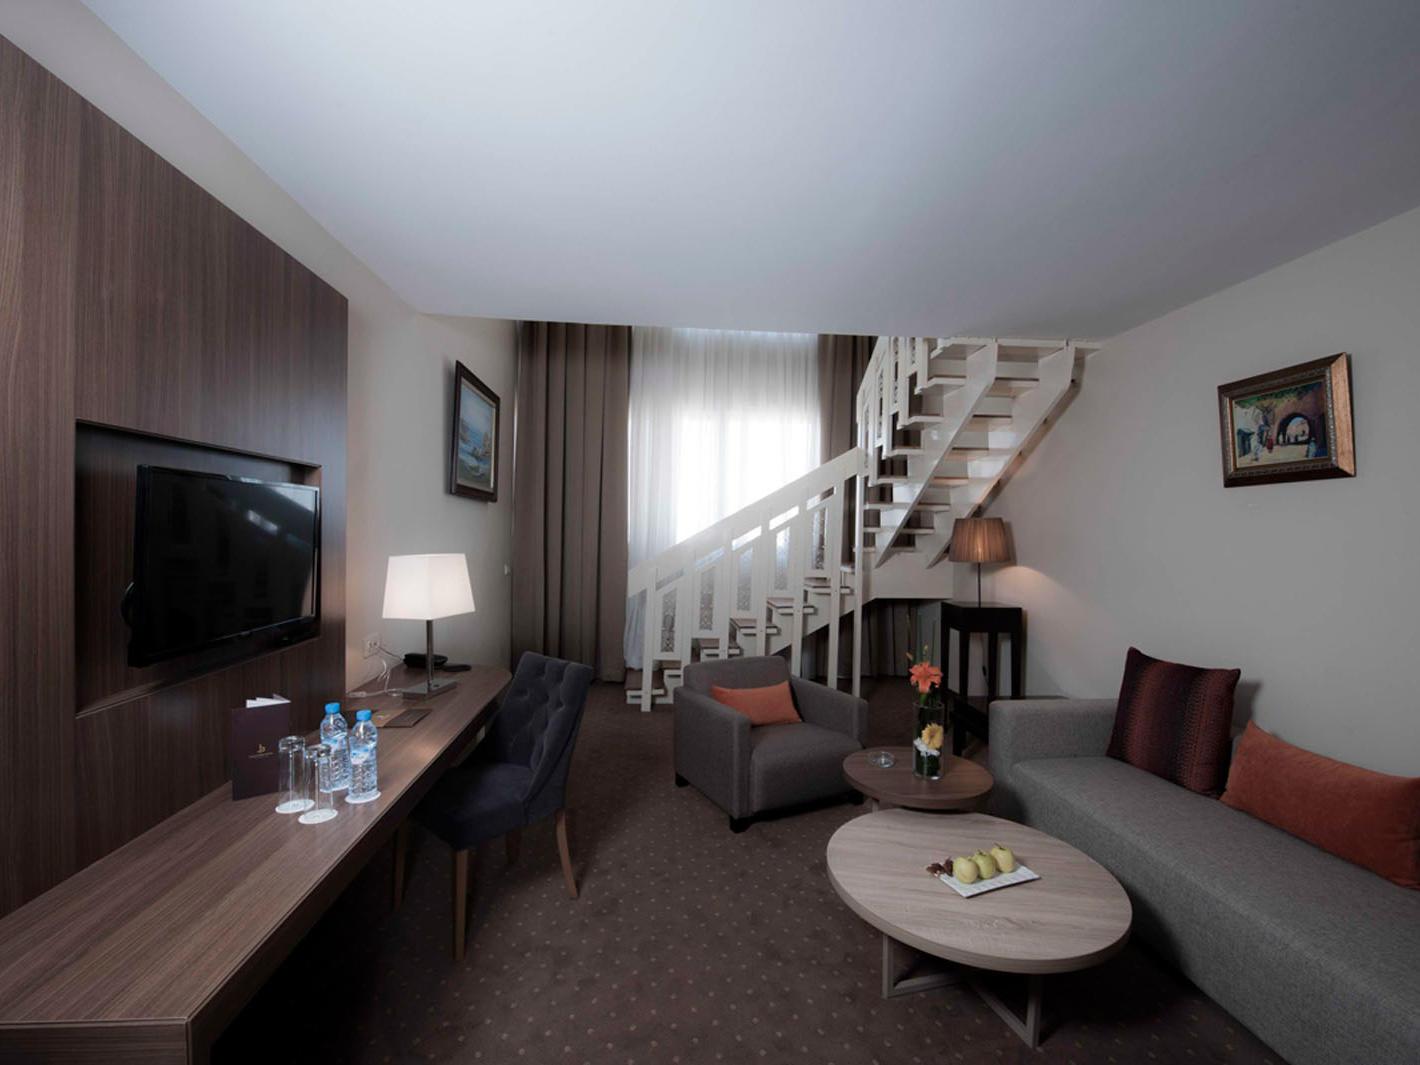 Duplex Suite at Kenzi Basma Hotel in Casablanca, Morocco